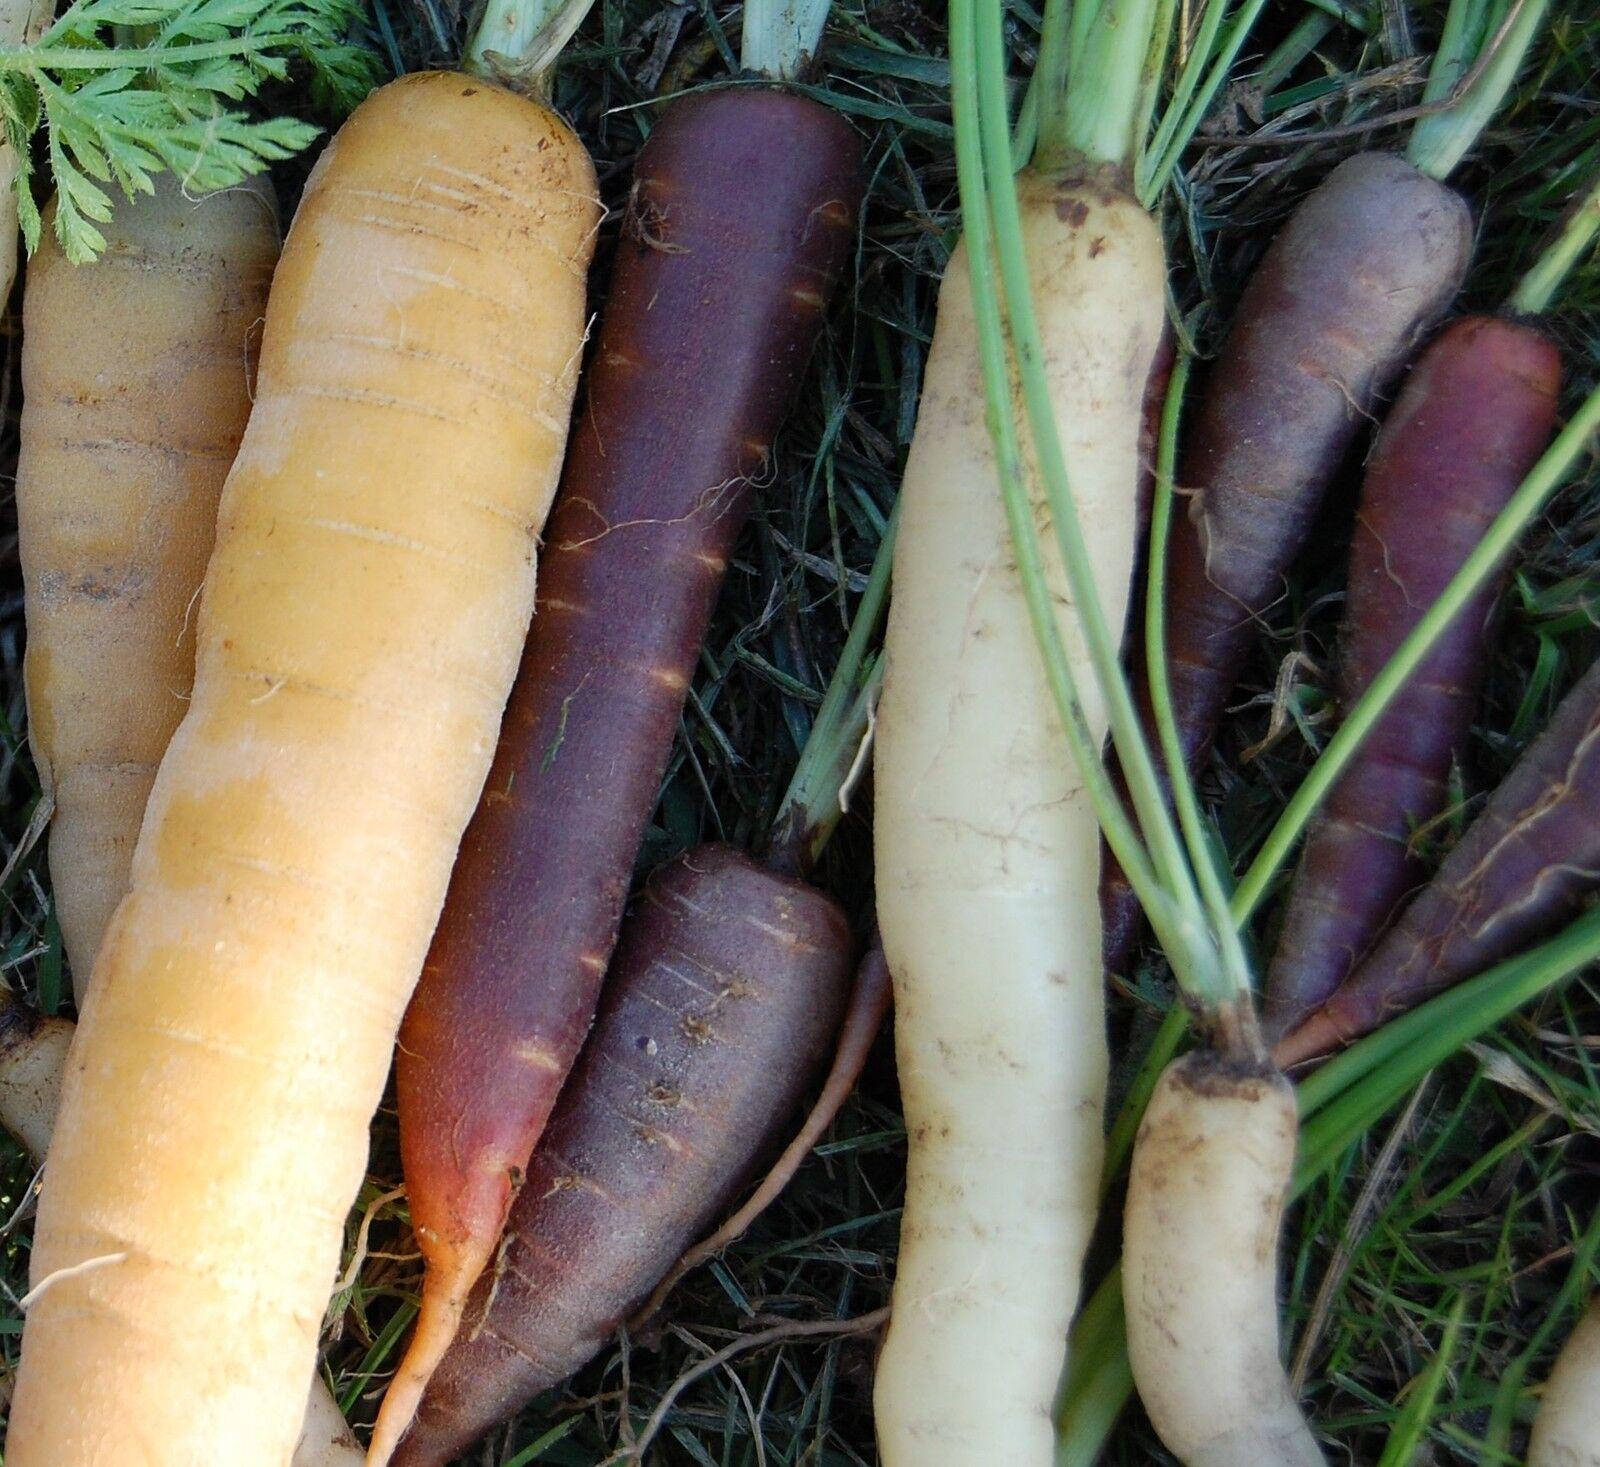 🥕 200 Samen Möhre bunter Mix, weiß, gelb, orange, lila Karotte Möhren Karotten